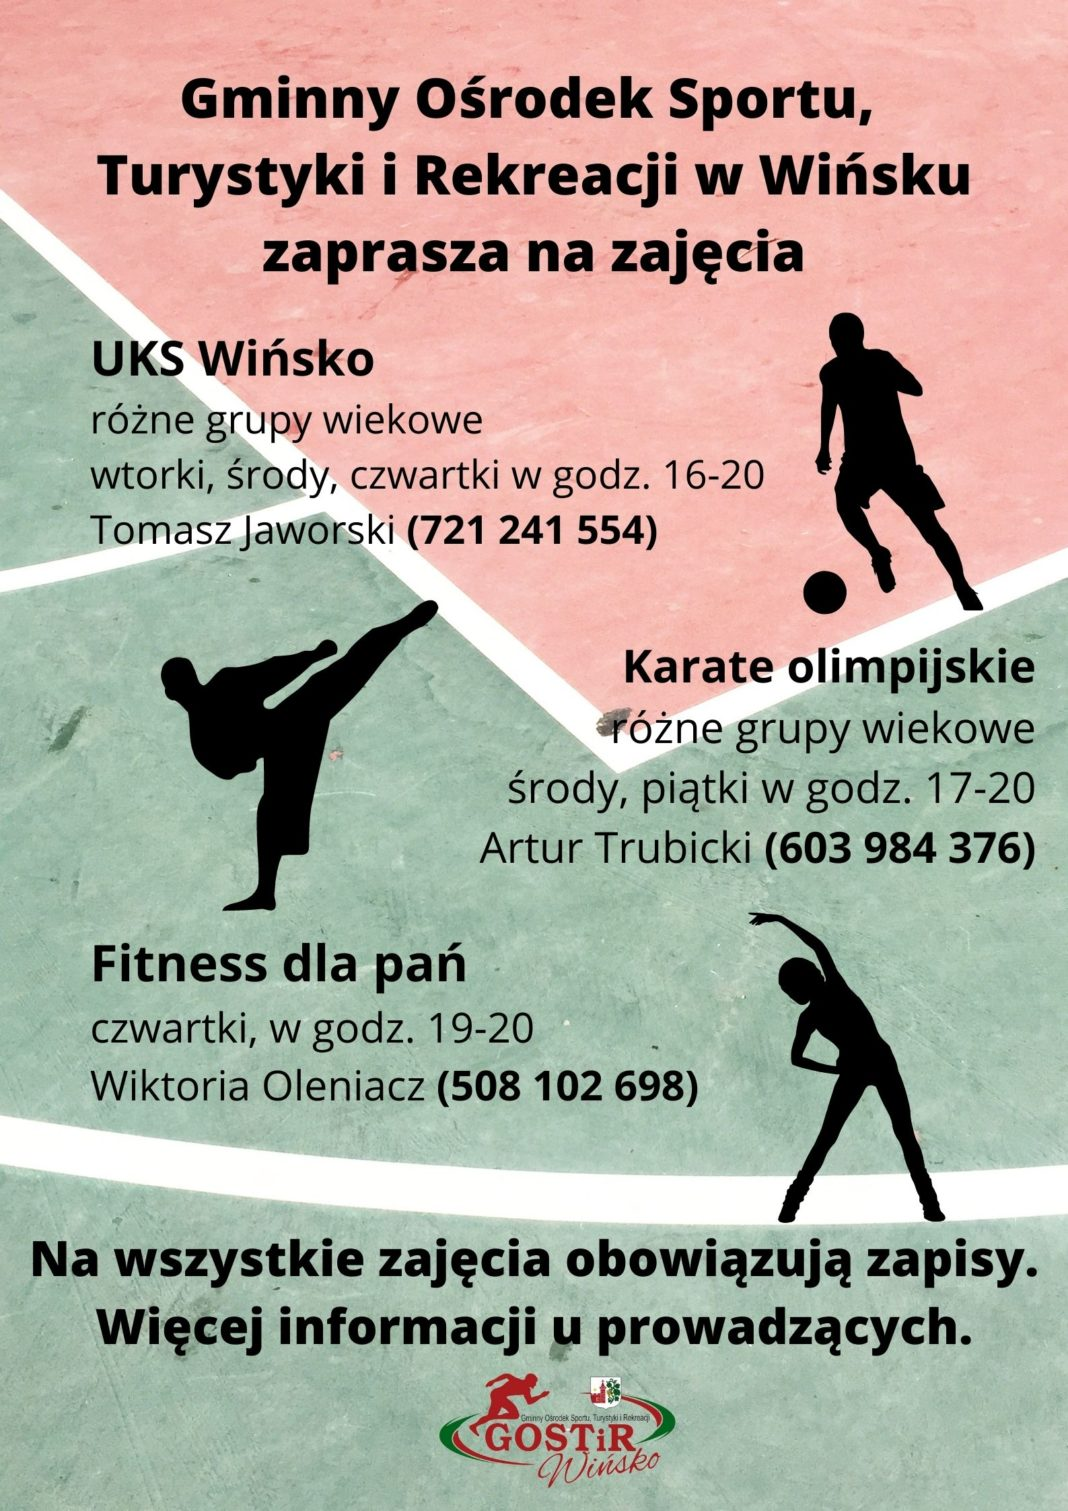 Plakat promujący zajęcia w GOSTirze.